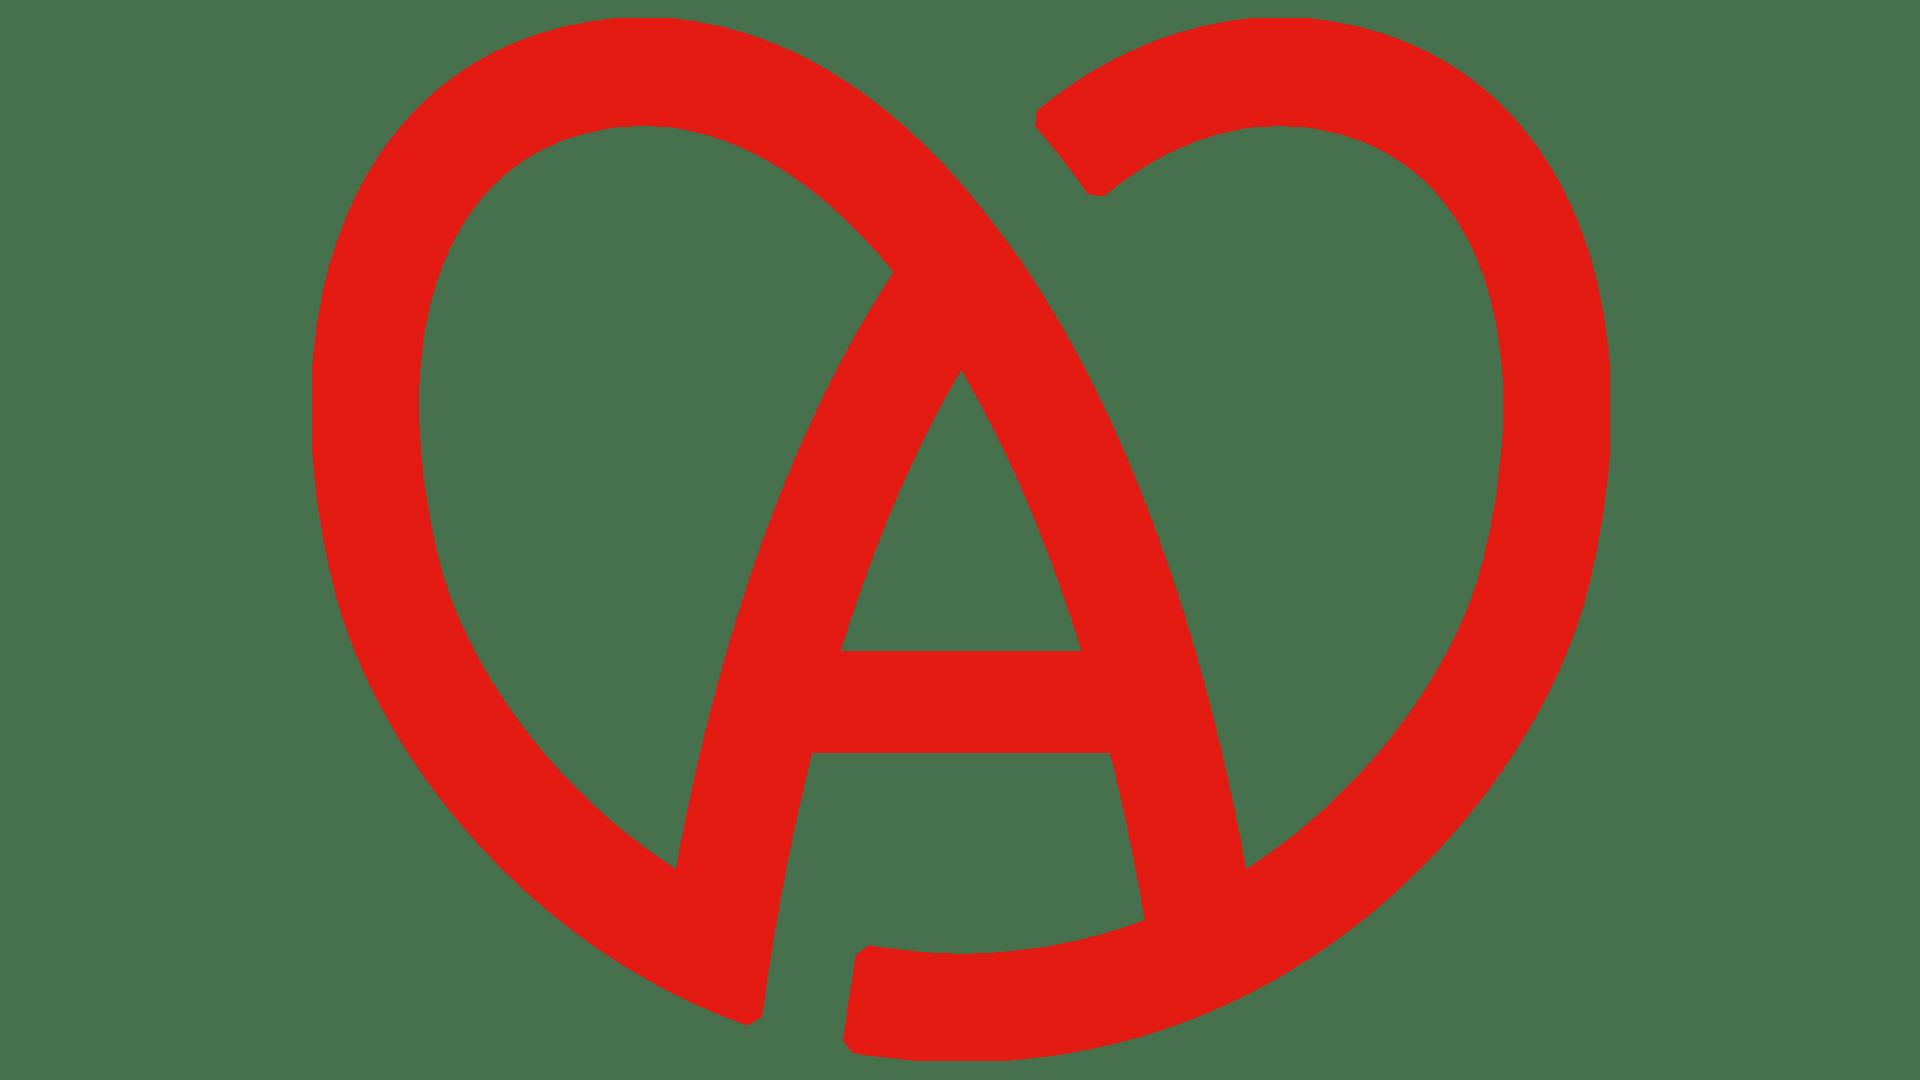 alsace logo histoire et signification evolution symbole